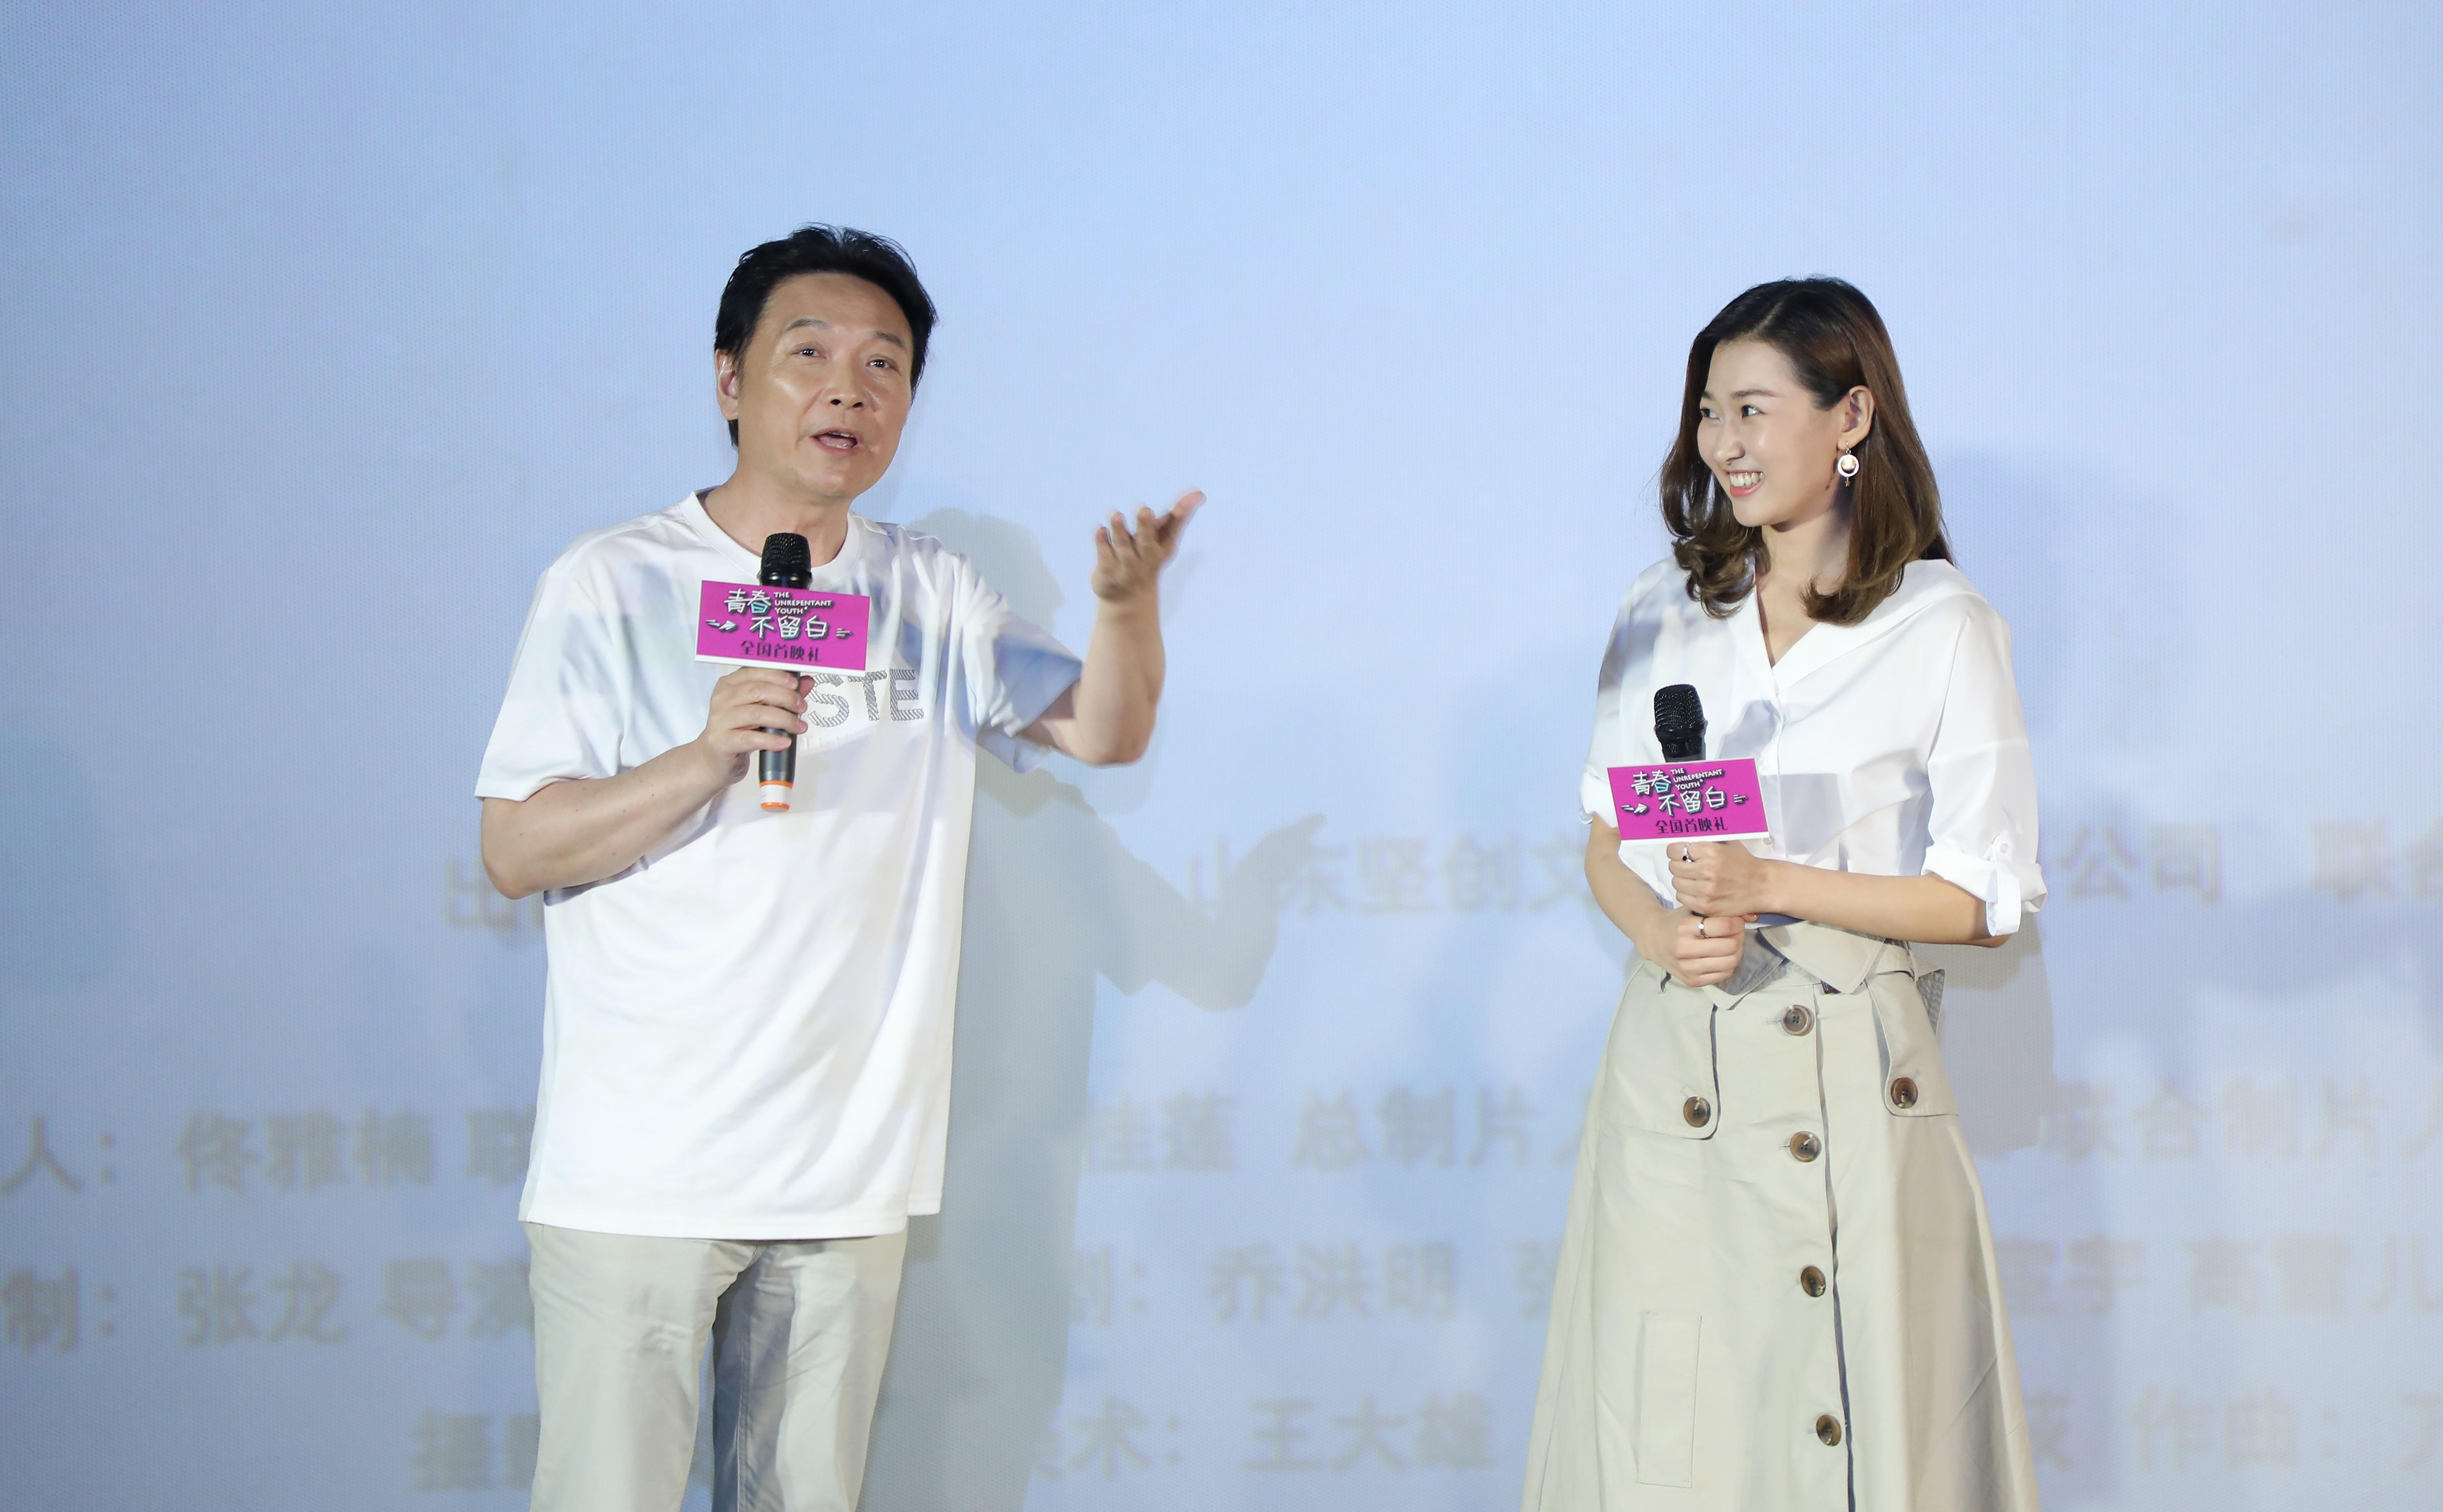 """《青春不留白》在京举办首映礼 打造""""创业天团"""